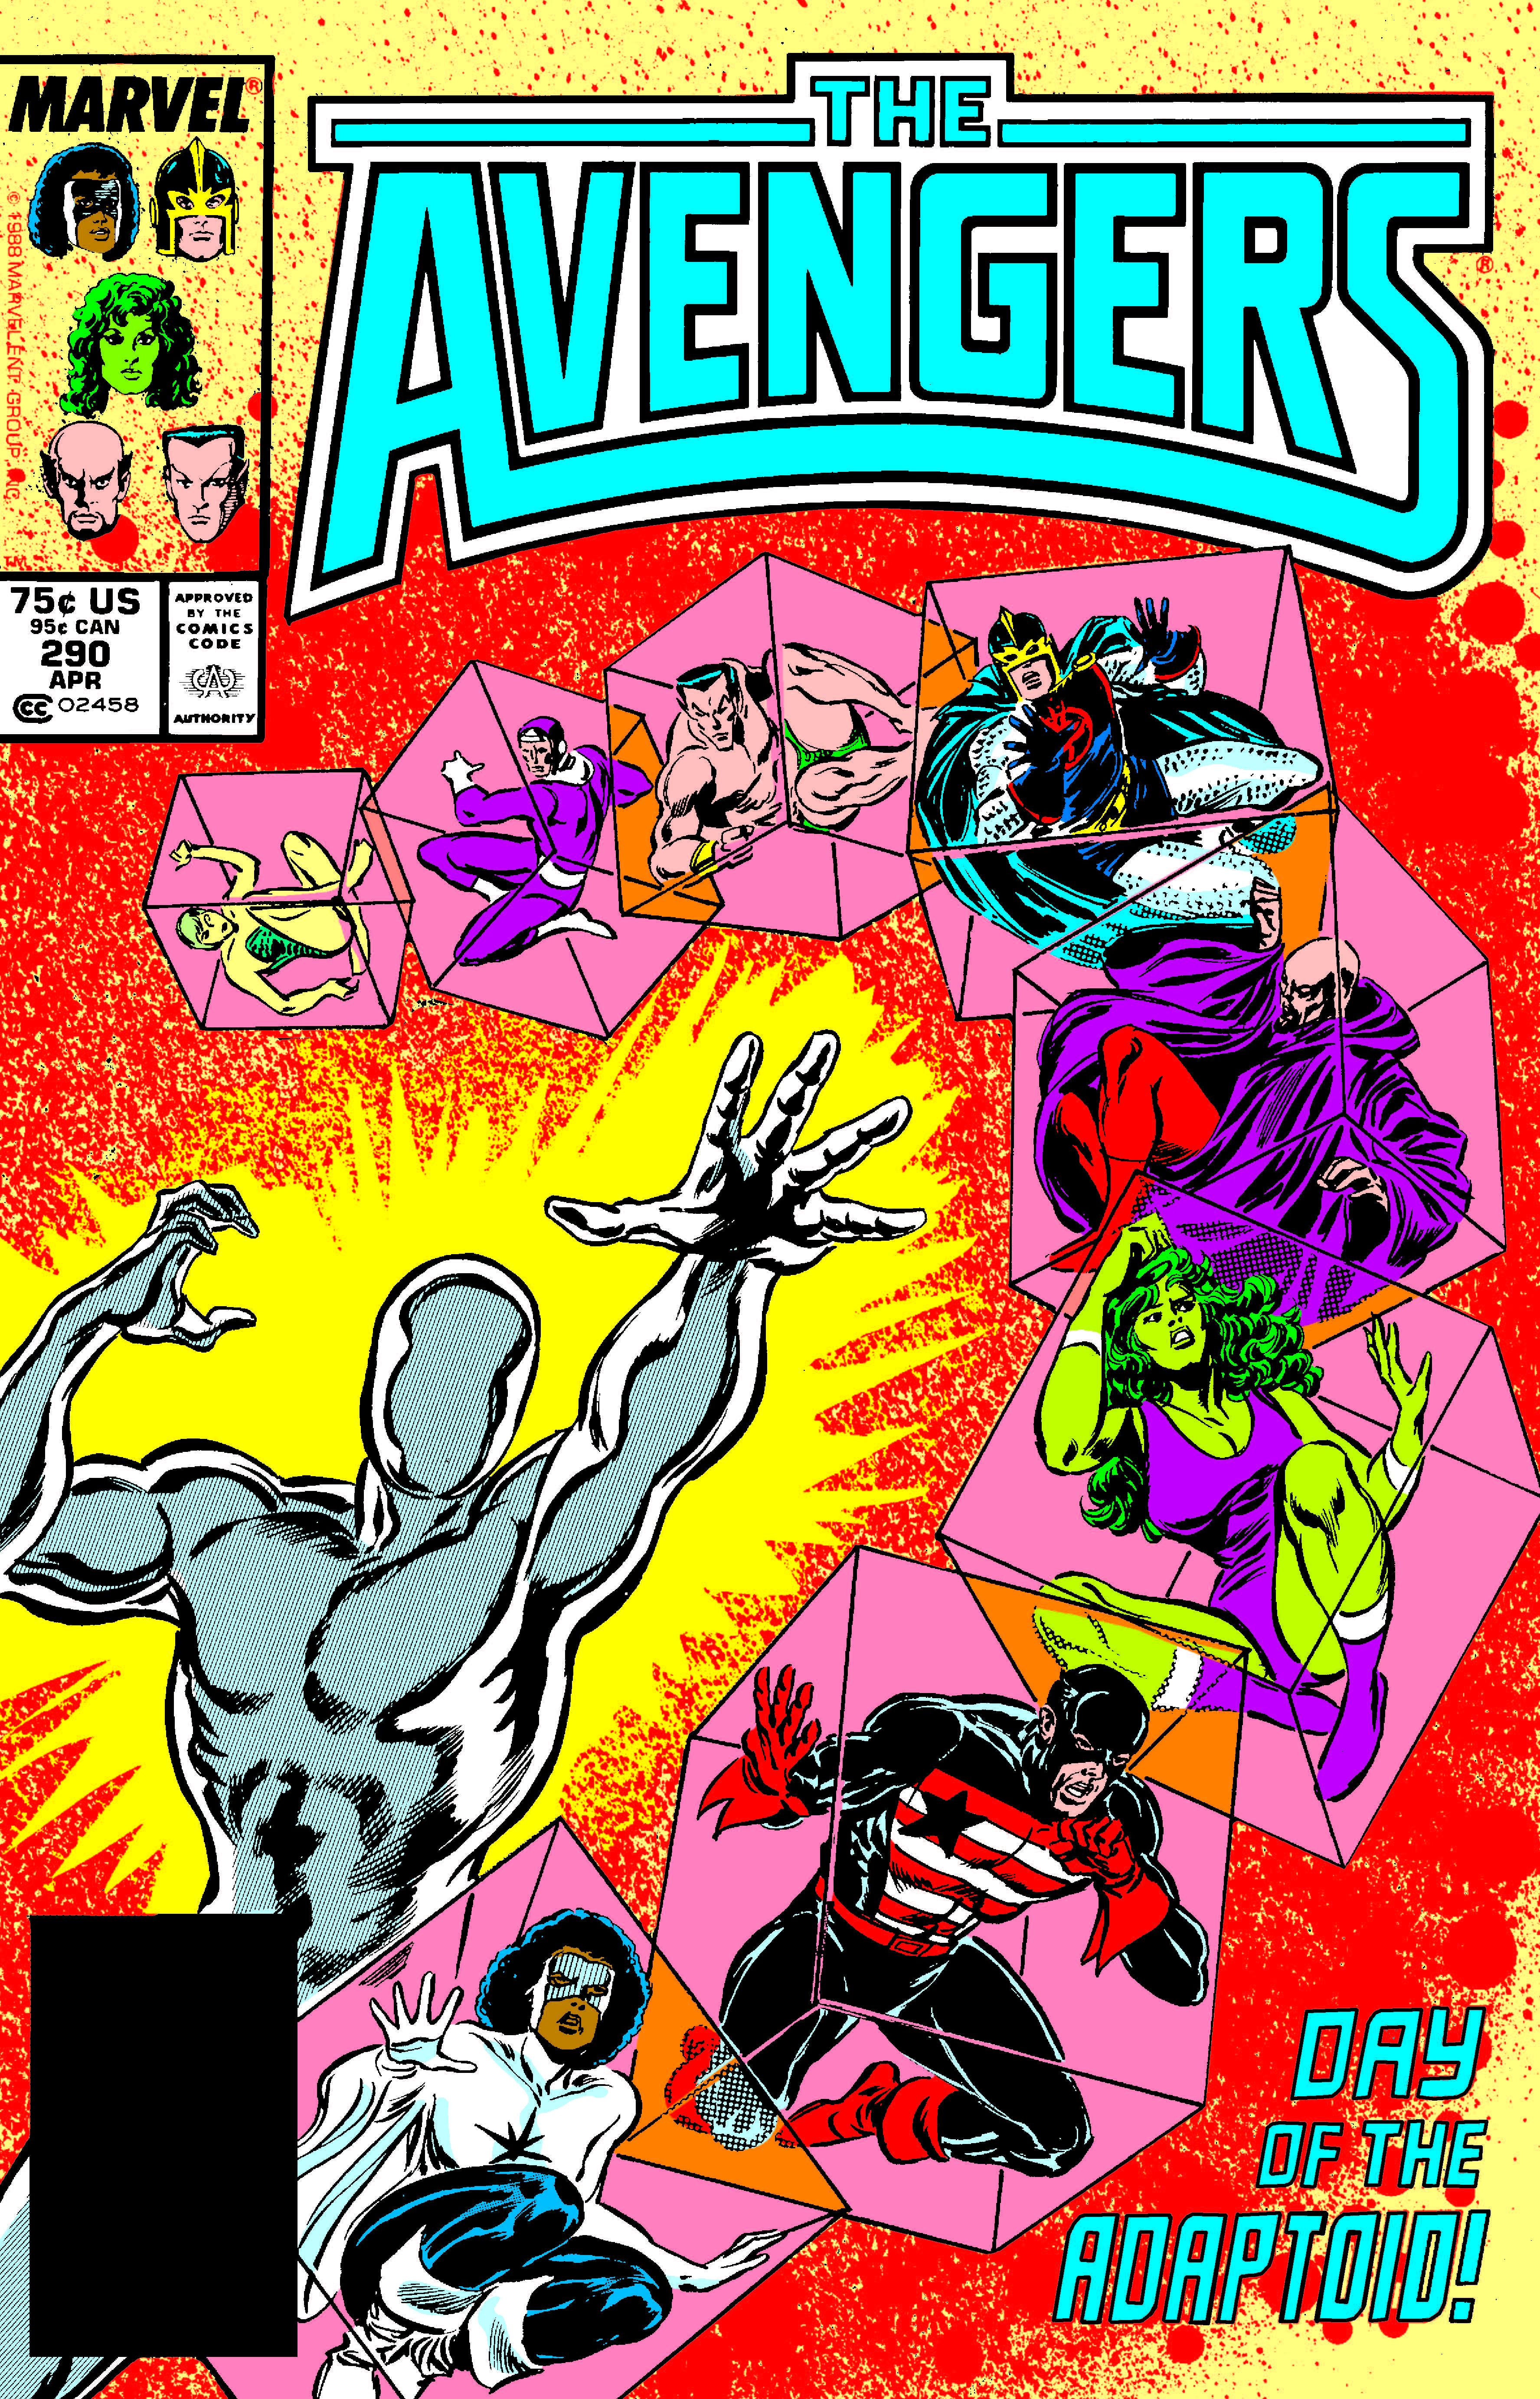 Avengers (1963) #290